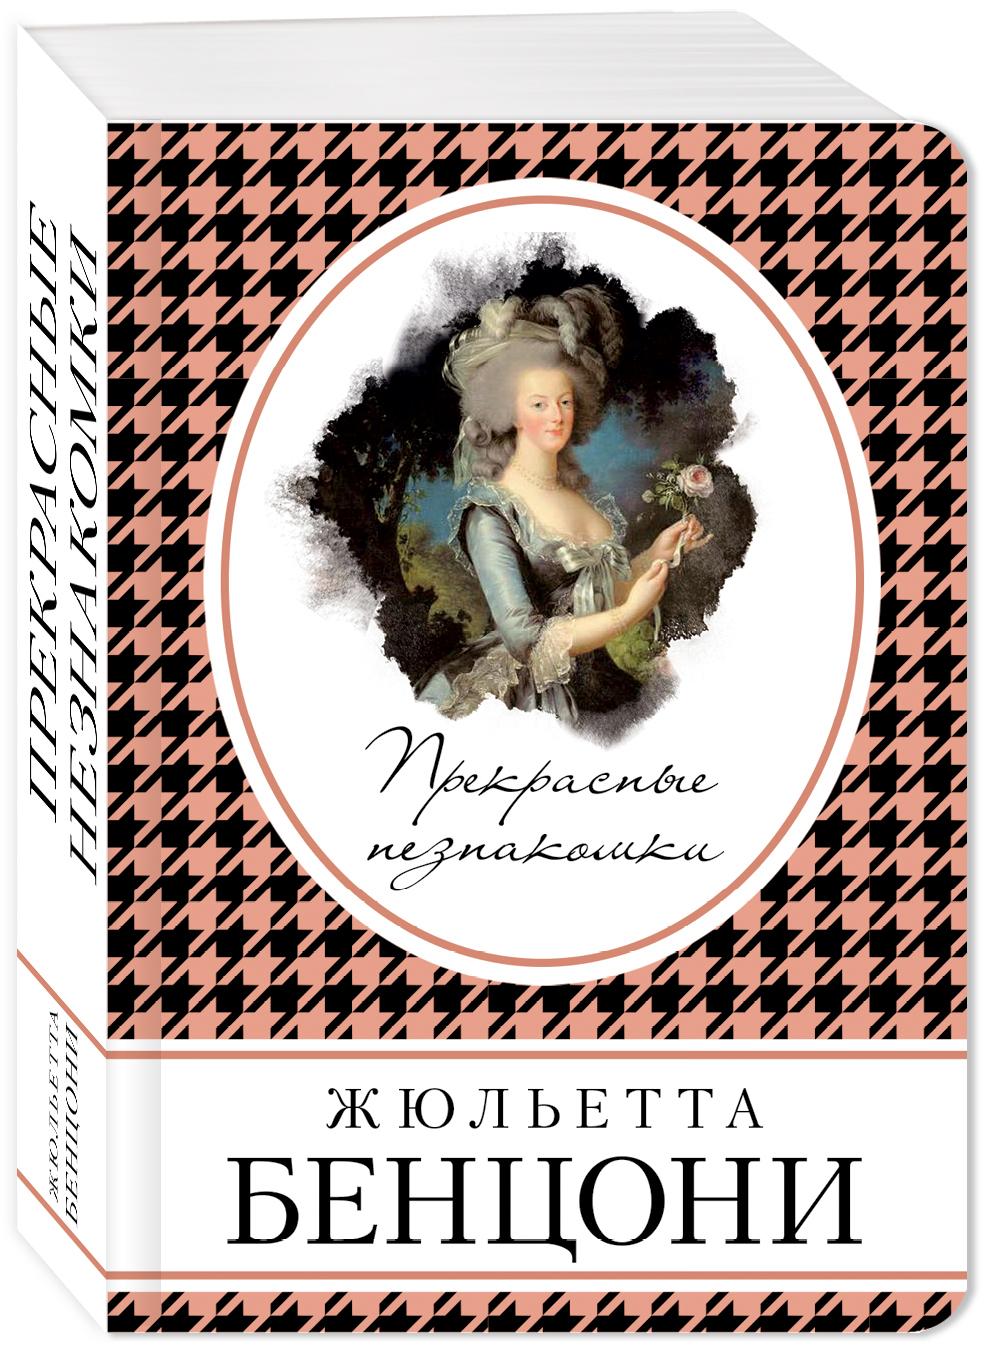 купить Жюльетта Бенцони Прекрасные незнакомки по цене 163 рублей